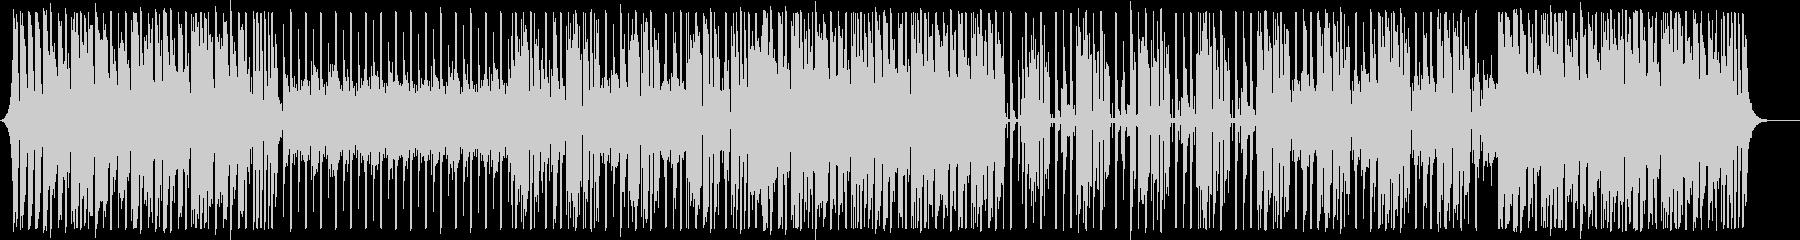 上がるナイルロジャース系ディスコ曲の未再生の波形